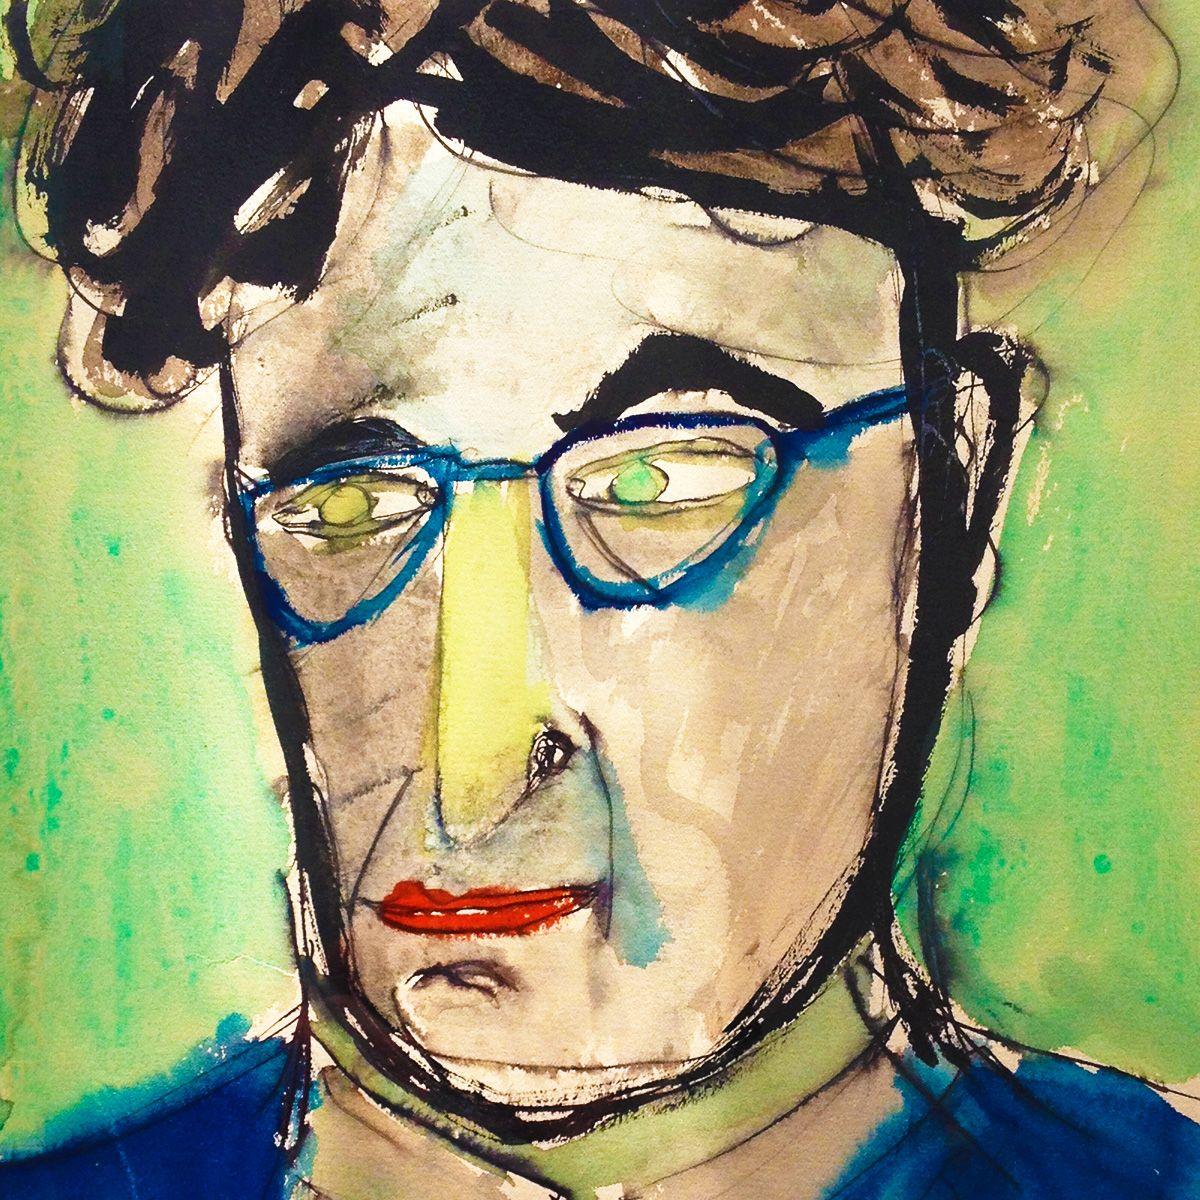 RAYMOND QUENEAU. Autoportrait réalisé entre 1946 et 1952.